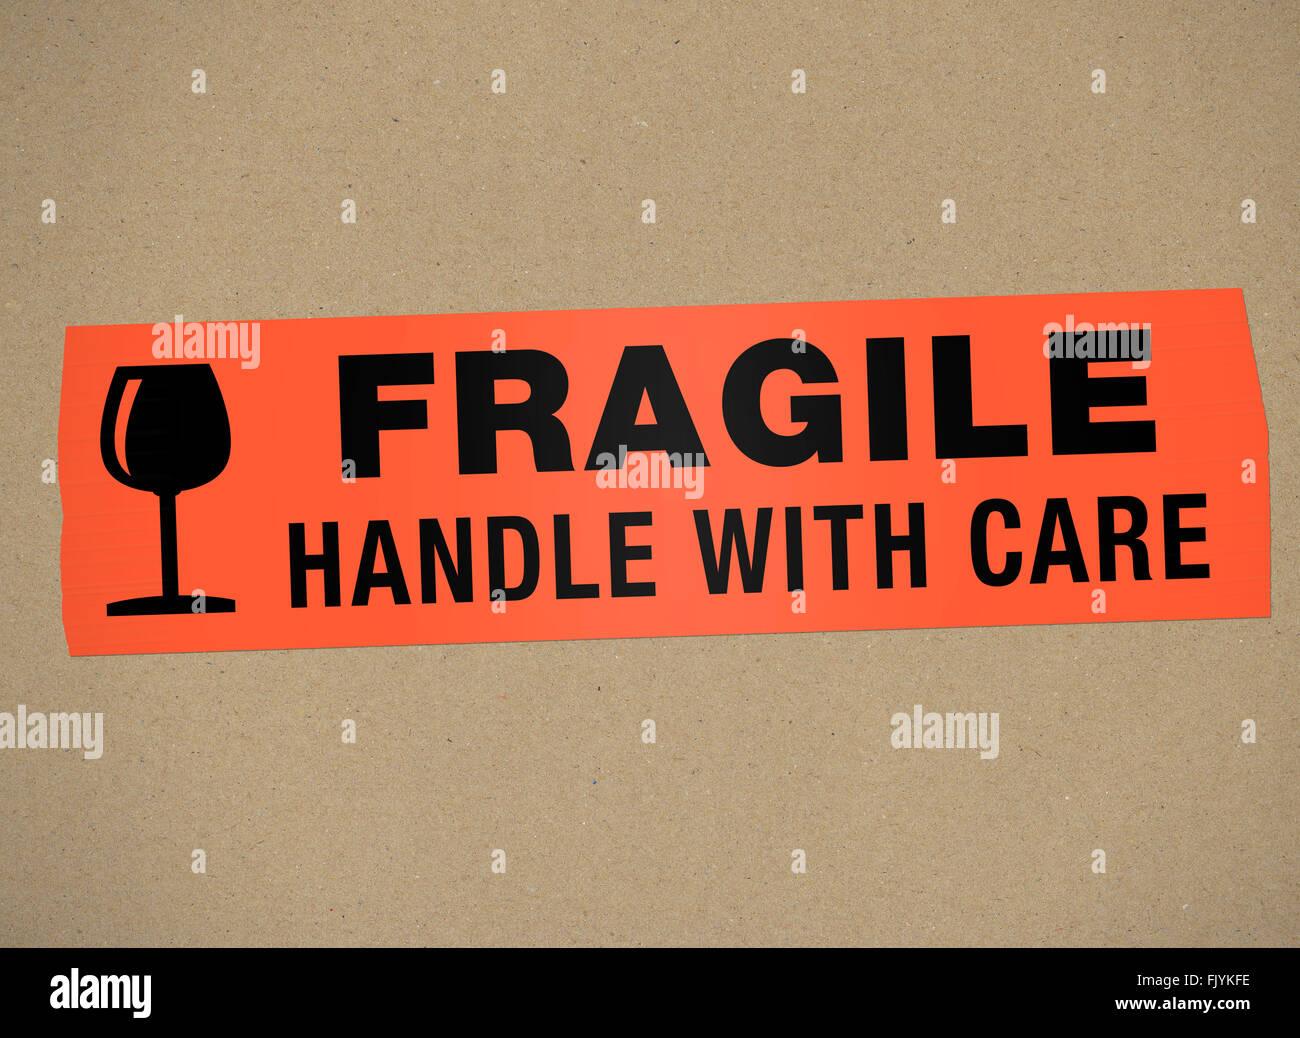 Cartone - Fragile maneggiare con auto Immagini Stock